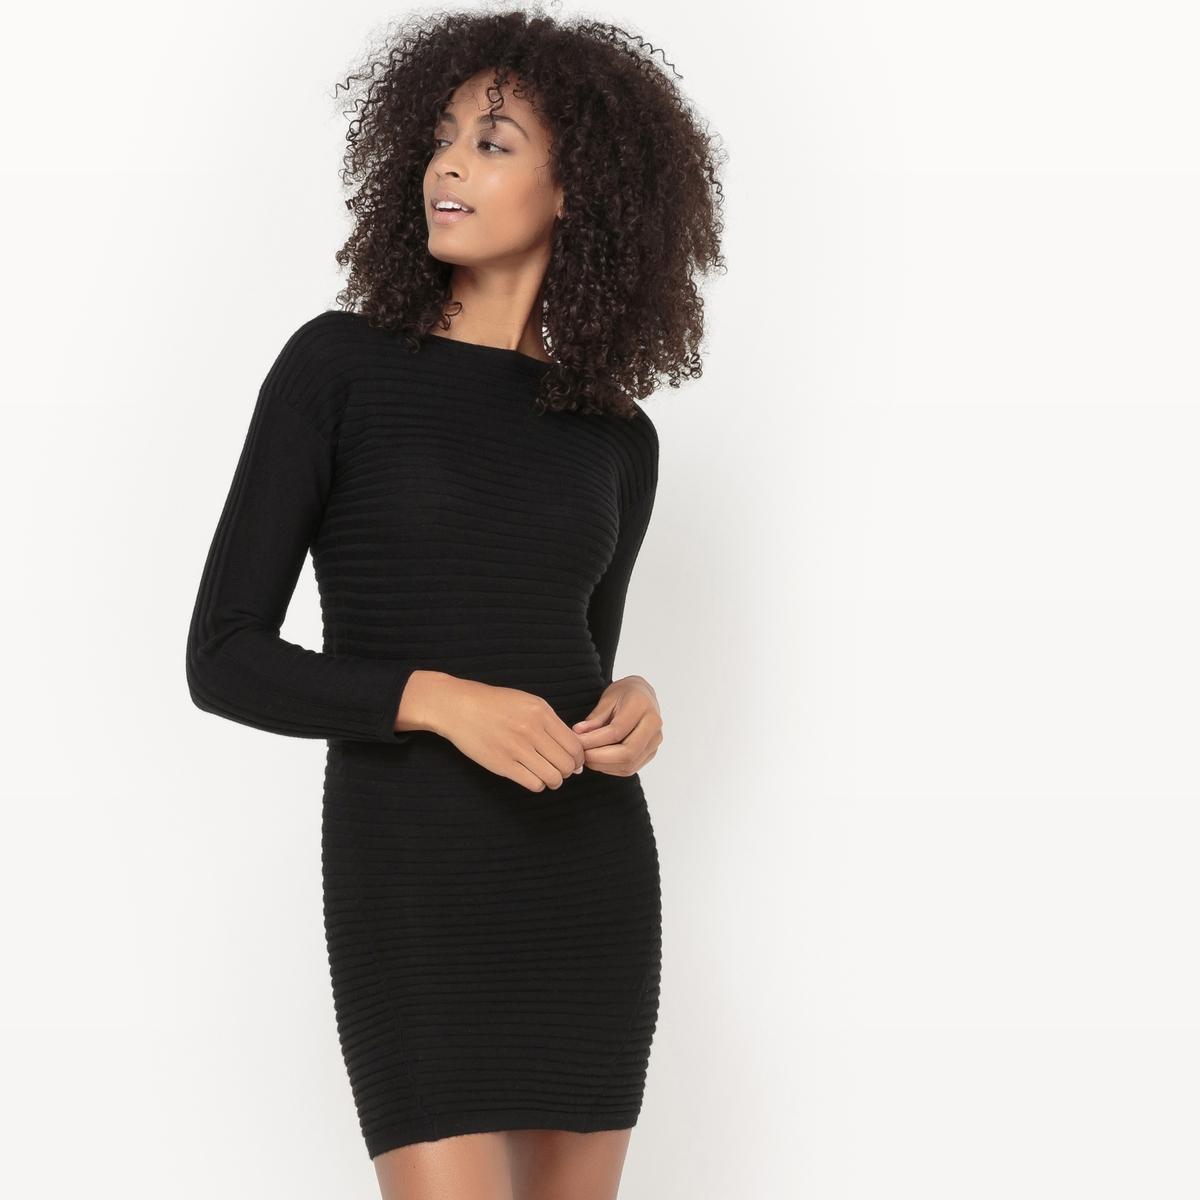 Платье-пуловер.Платье-пуловер из биэластичного трикотажа. Длинные рукава. Круглый вырез. Вязка в двух направлениях. Состав и описаниеМатериалы : 50% акрила, 50% шерстиМарка : Sud ExpressМодель : RomwellУходСледуйте рекомендациям по уходу, указанным на этикетке изделия.<br><br>Цвет: черный<br>Размер: S.M